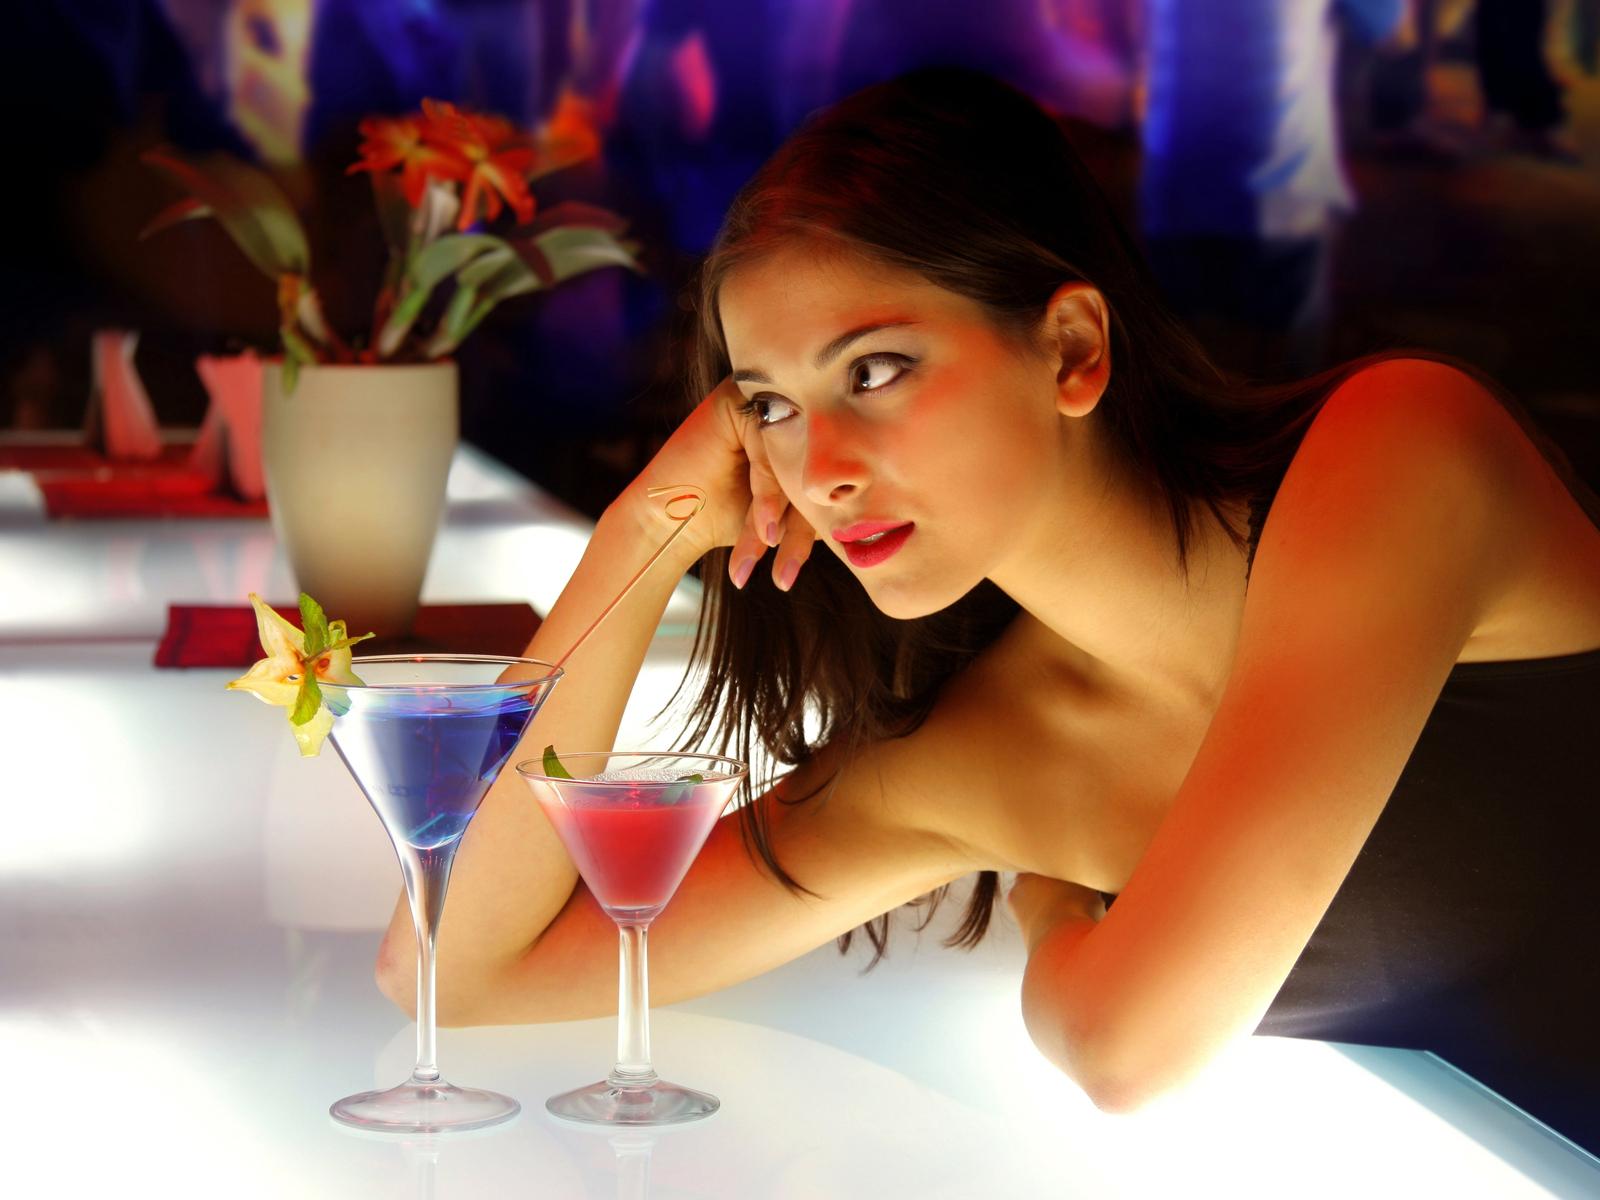 В питере юлька зажигает в ночном клубе